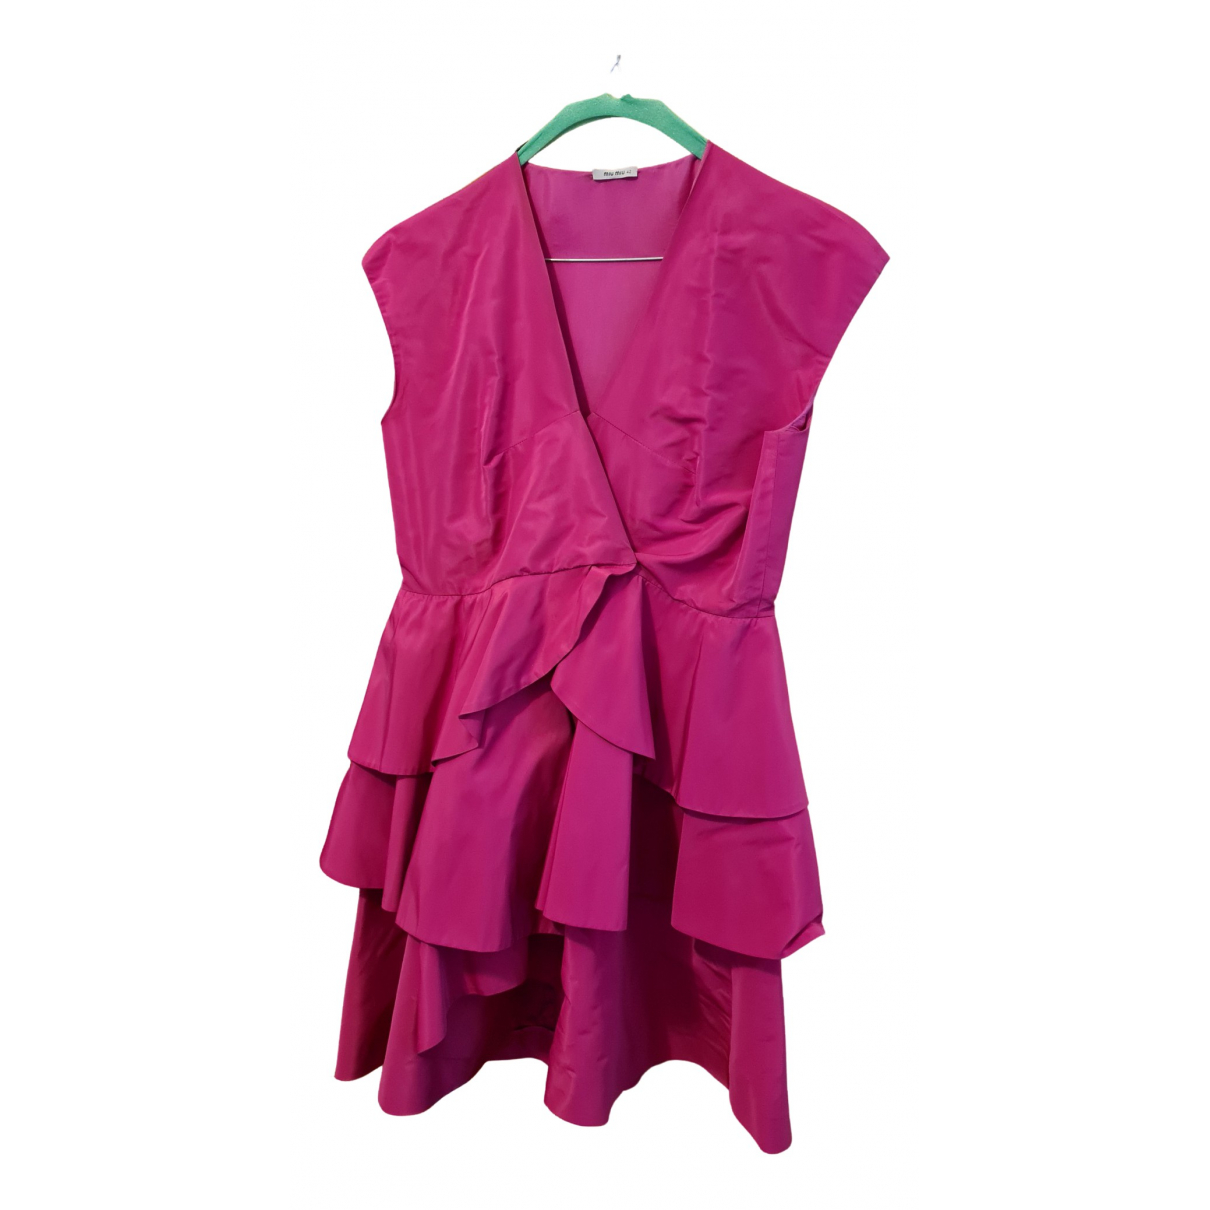 Miu Miu N Pink Silk dress for Women 42 IT